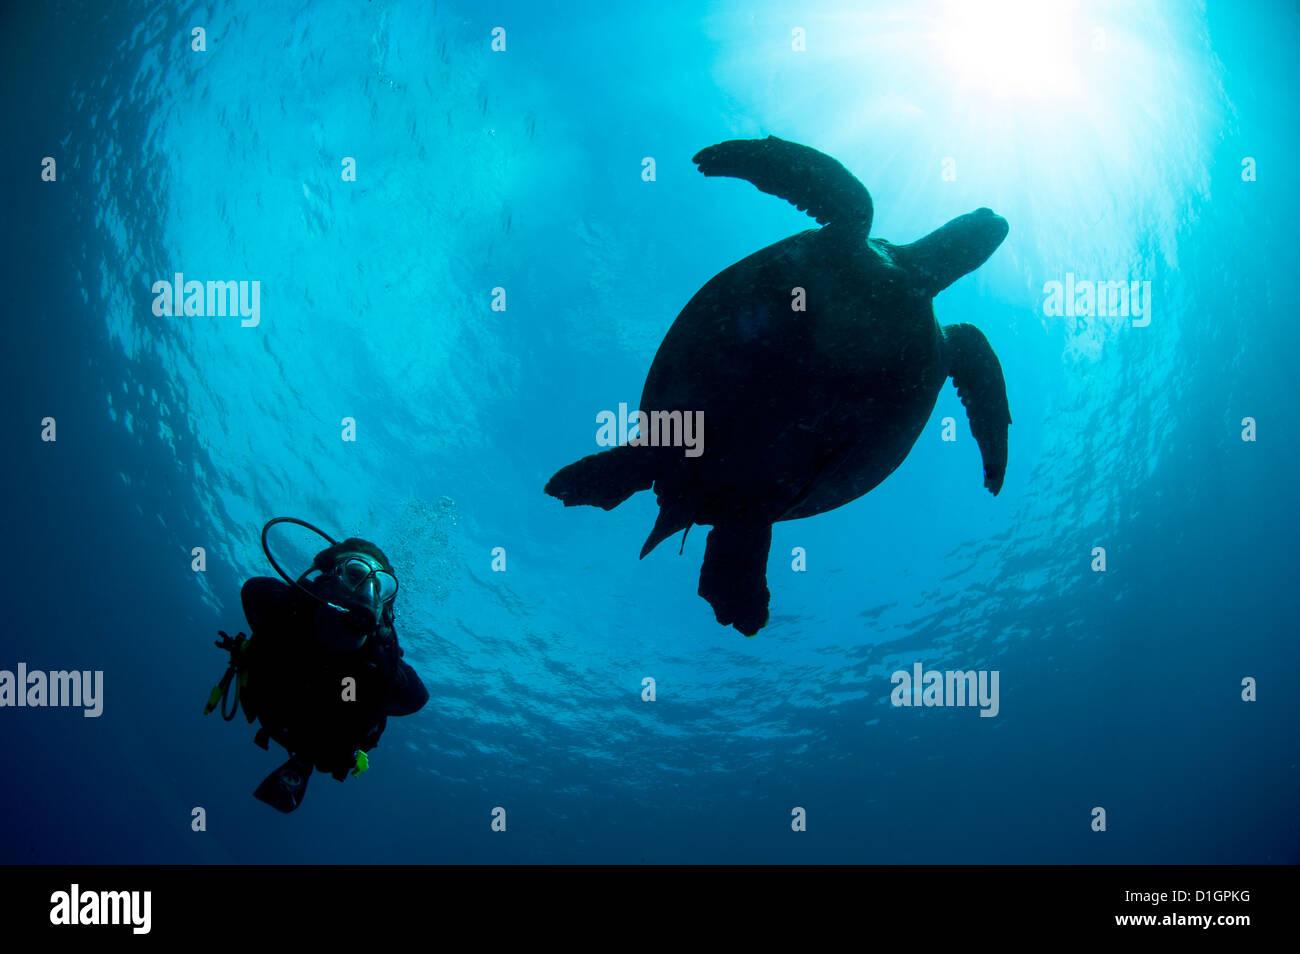 Tartaruga embricata (Eretmochelys imbricata) e subacqueo, Sulawesi, Indonesia, Asia sud-orientale, Asia Immagini Stock